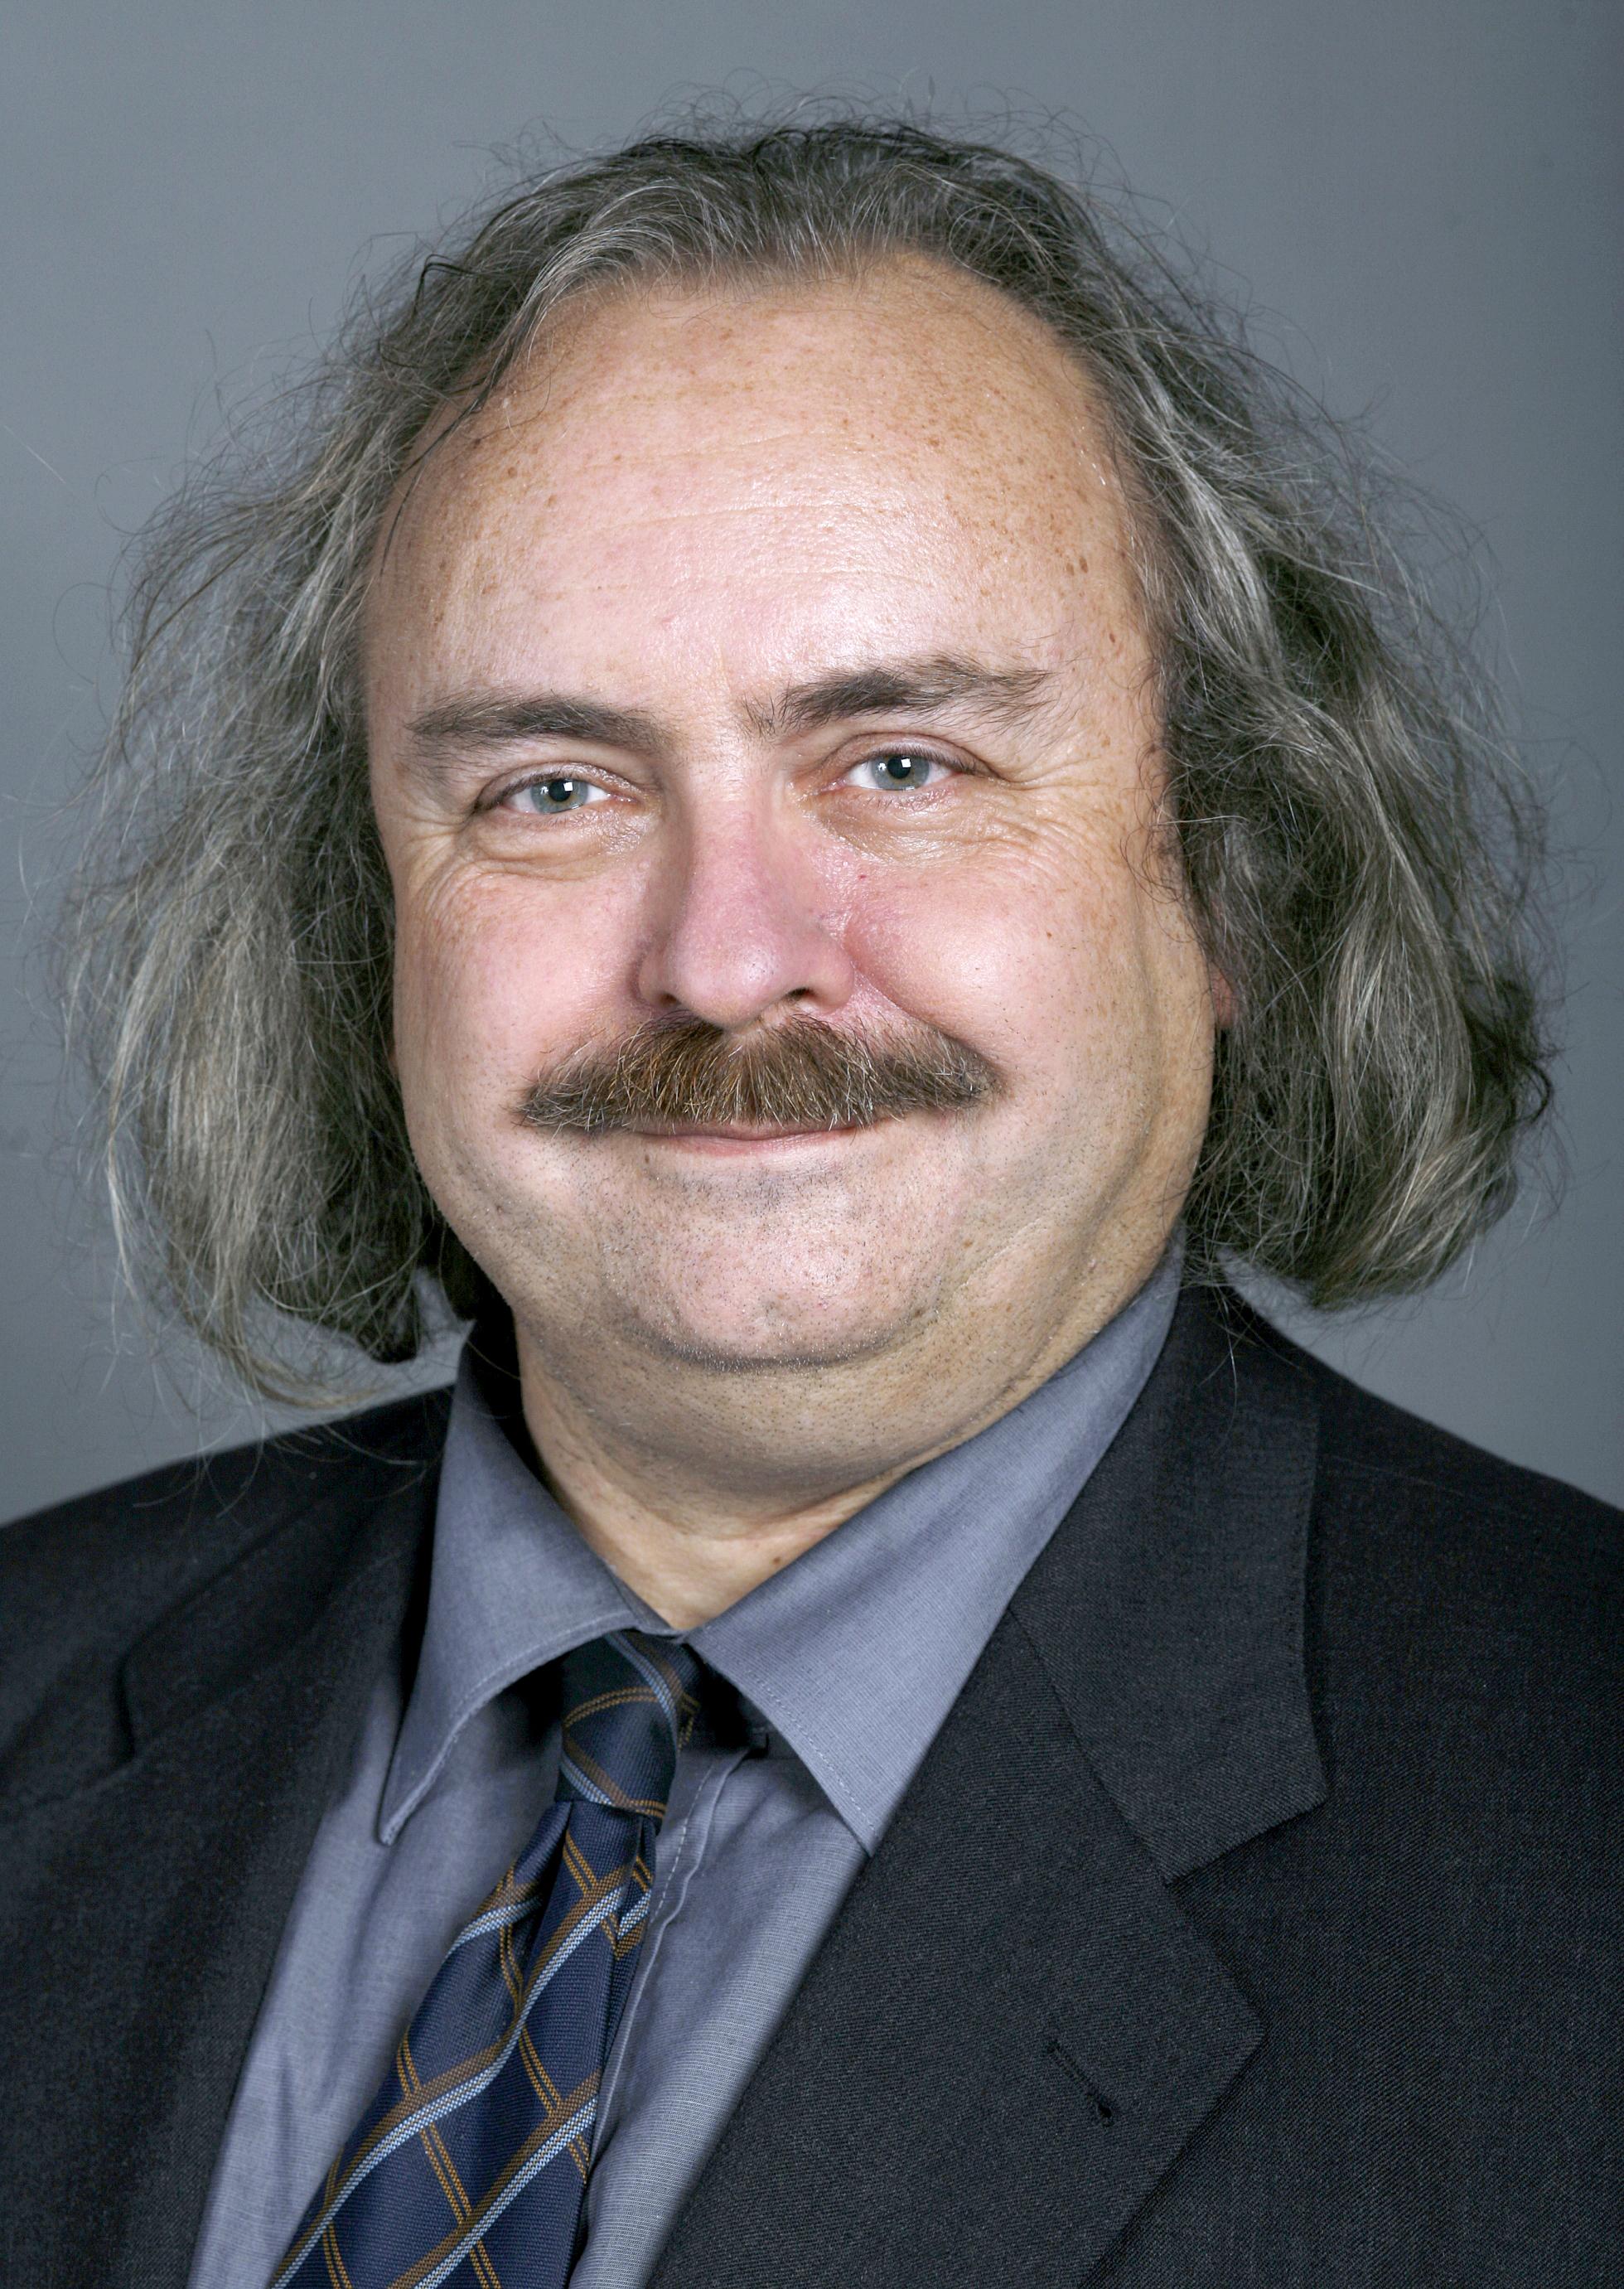 Luc Recordon Wikipedia